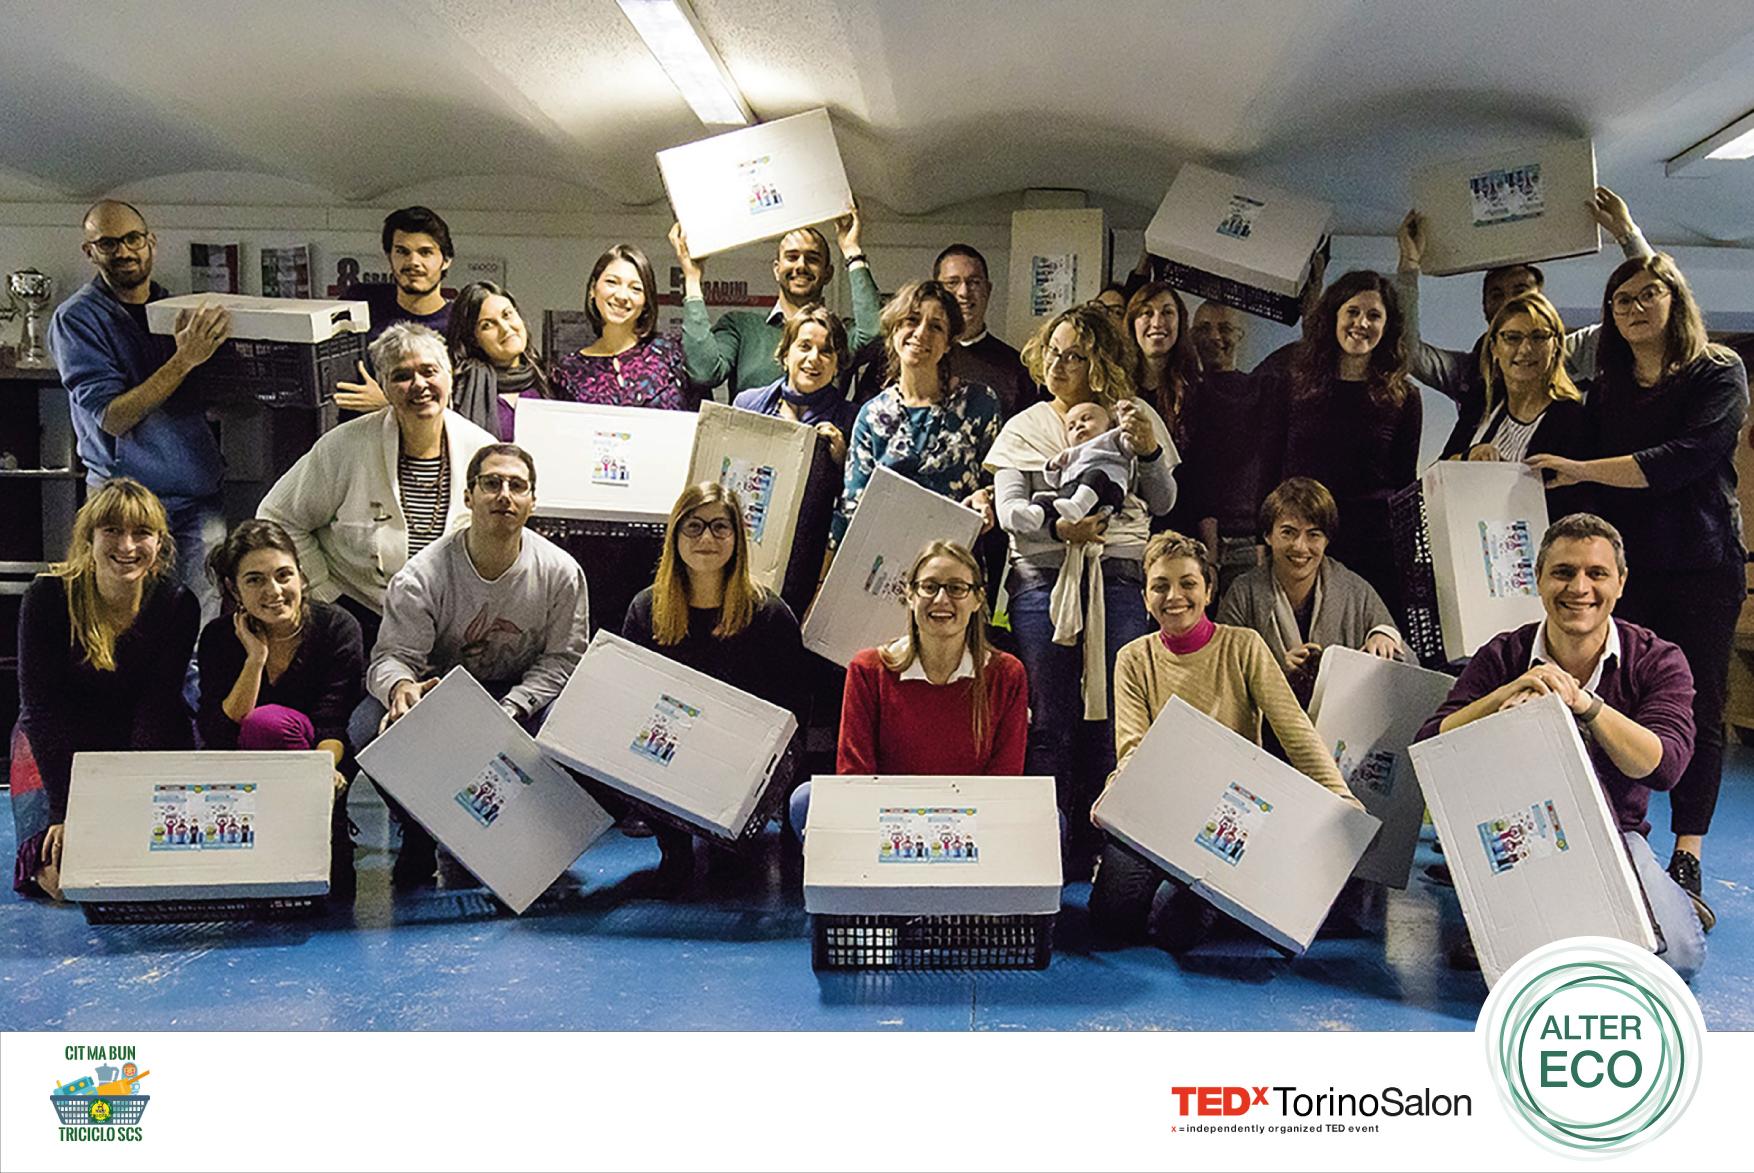 Cit ma Bun e i volontari di TEDxTorino